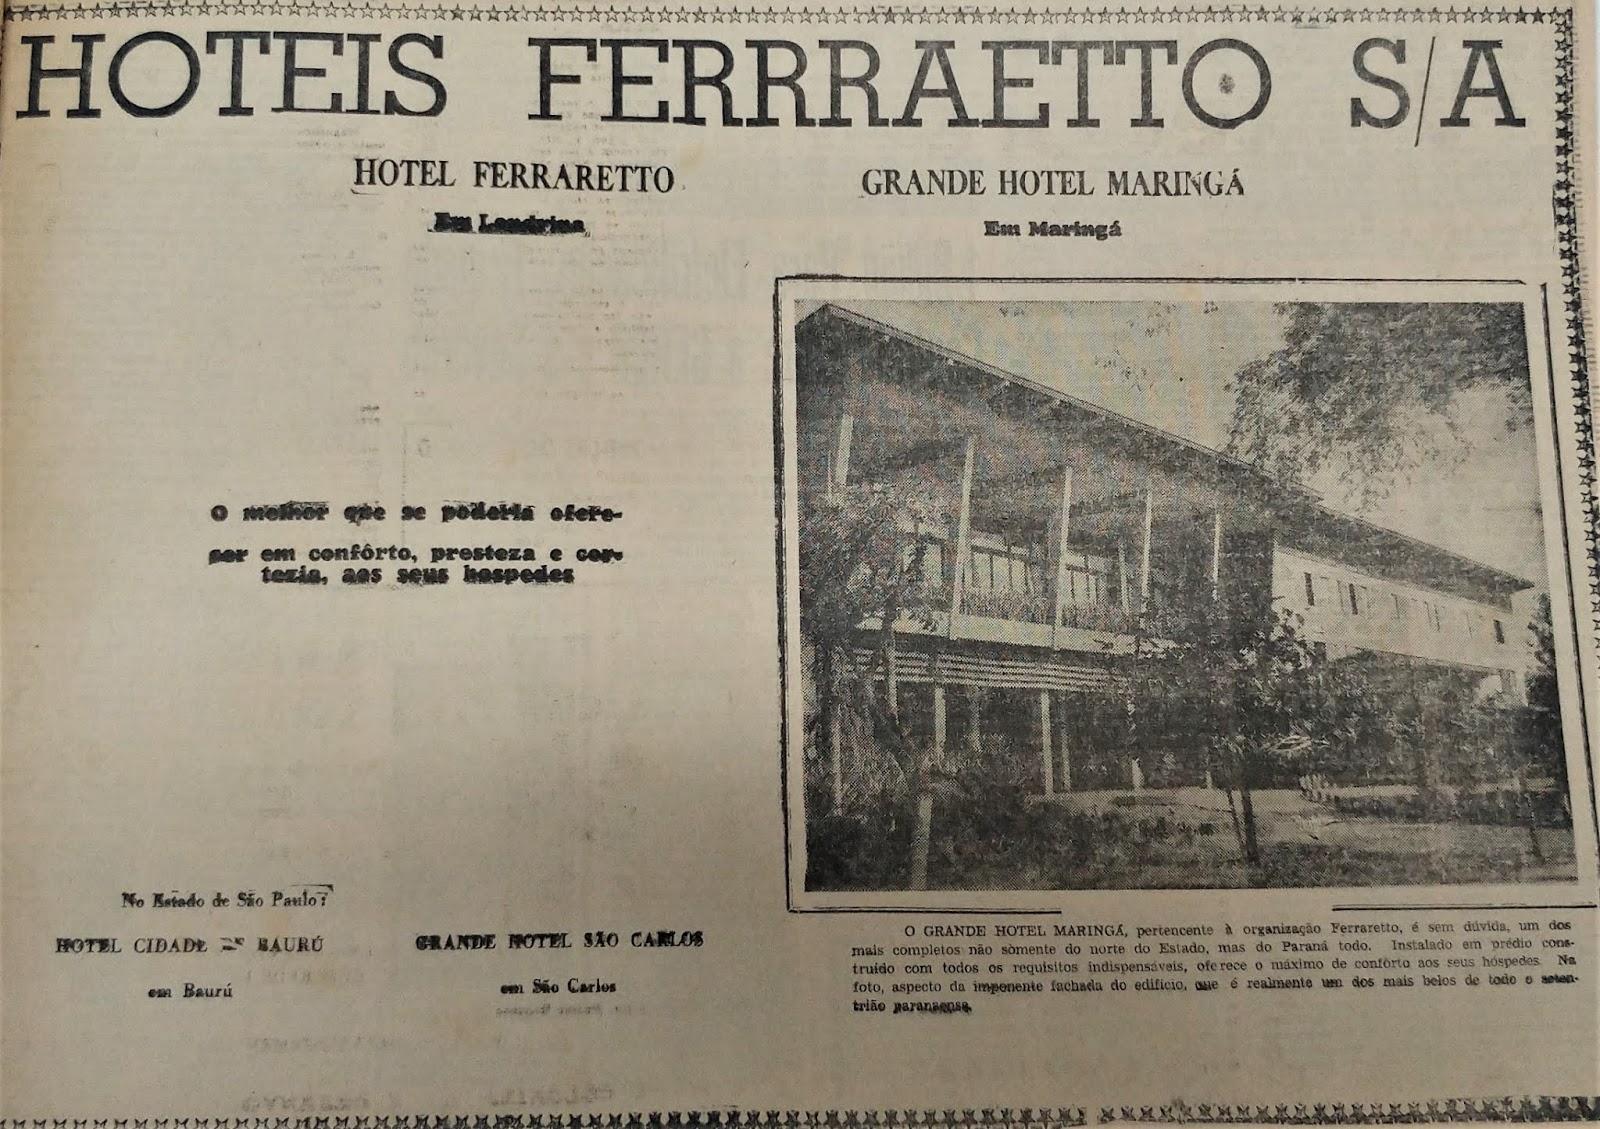 Hotéis Ferraretto S/A - 1962